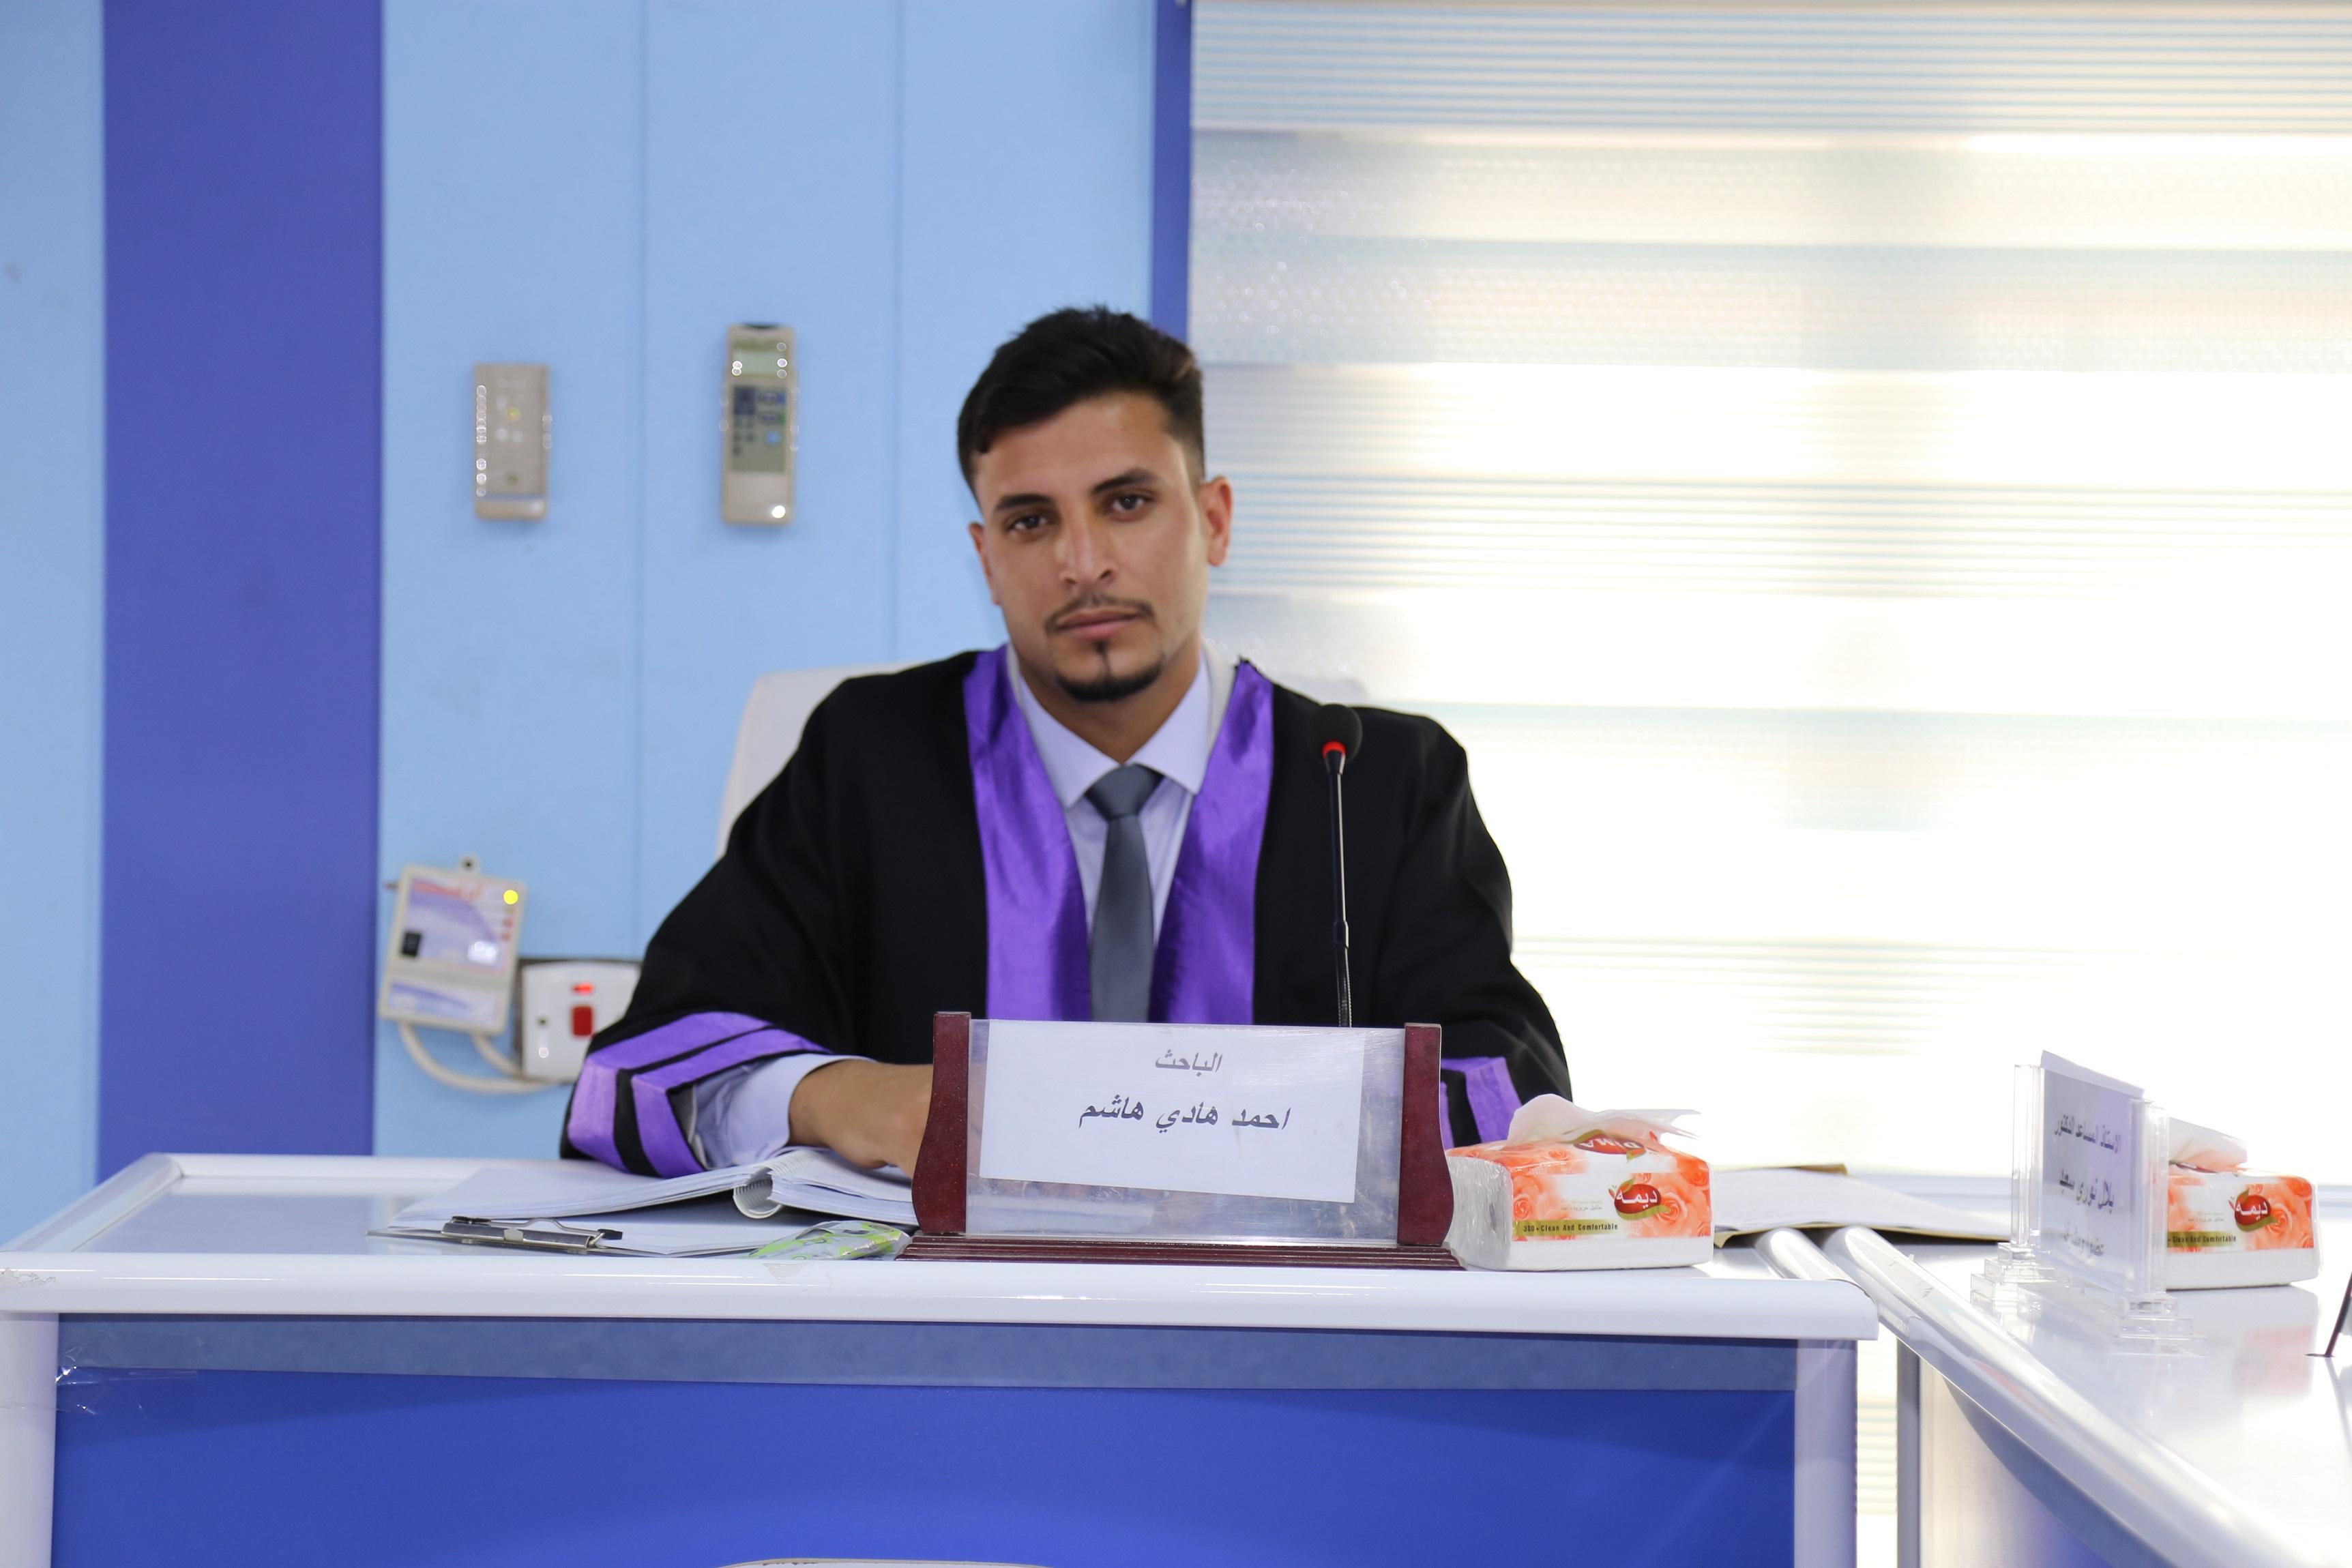 جانب من مناقشة رسالة الماجستير للطالب احمد هادي هاشم